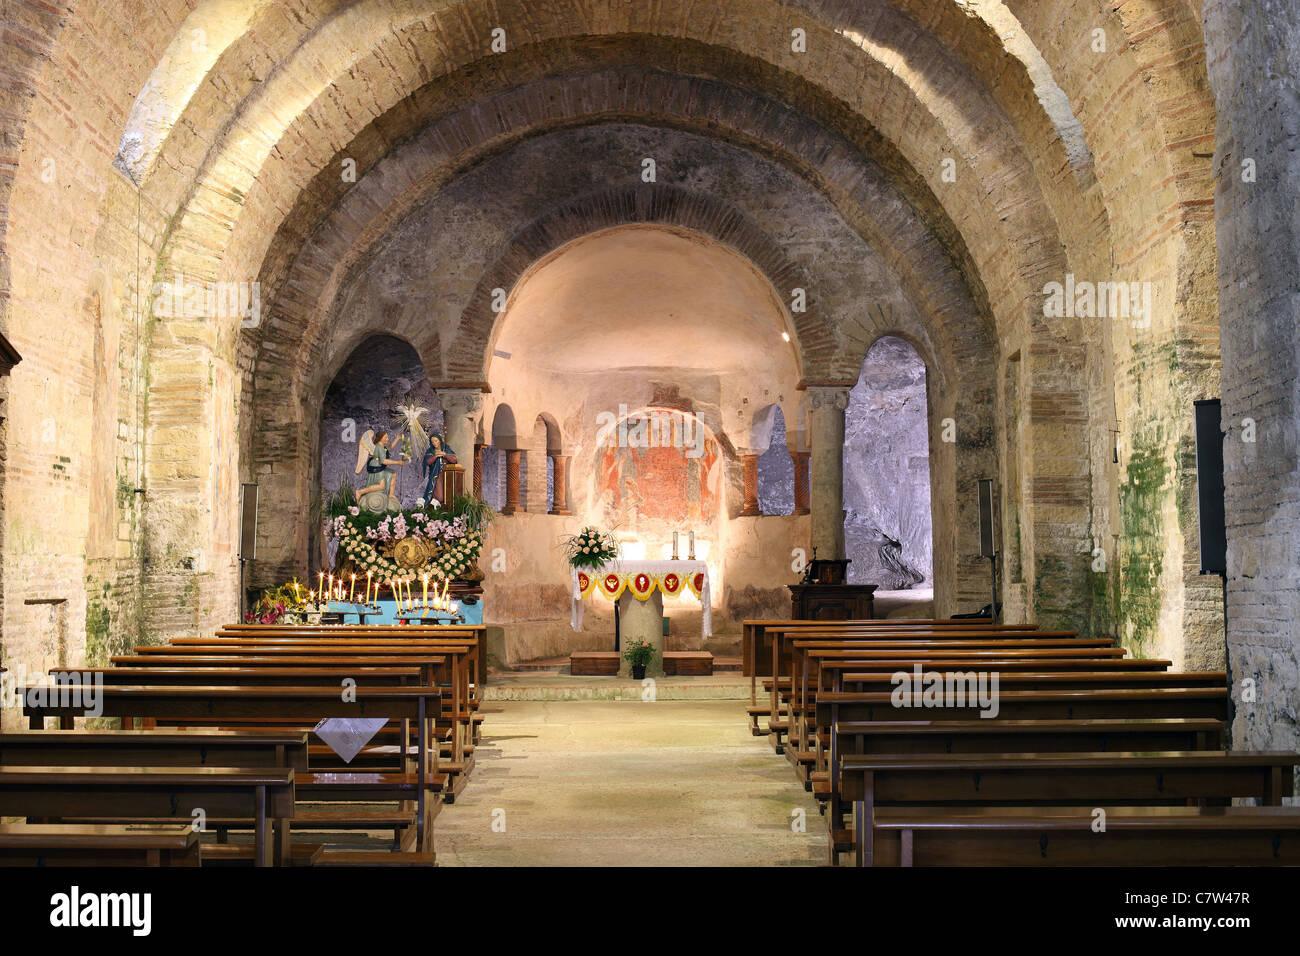 L'Italia, Campania, Prata Principato Ultra, Maria SS. Annunziata, basilica paleocristiana Immagini Stock